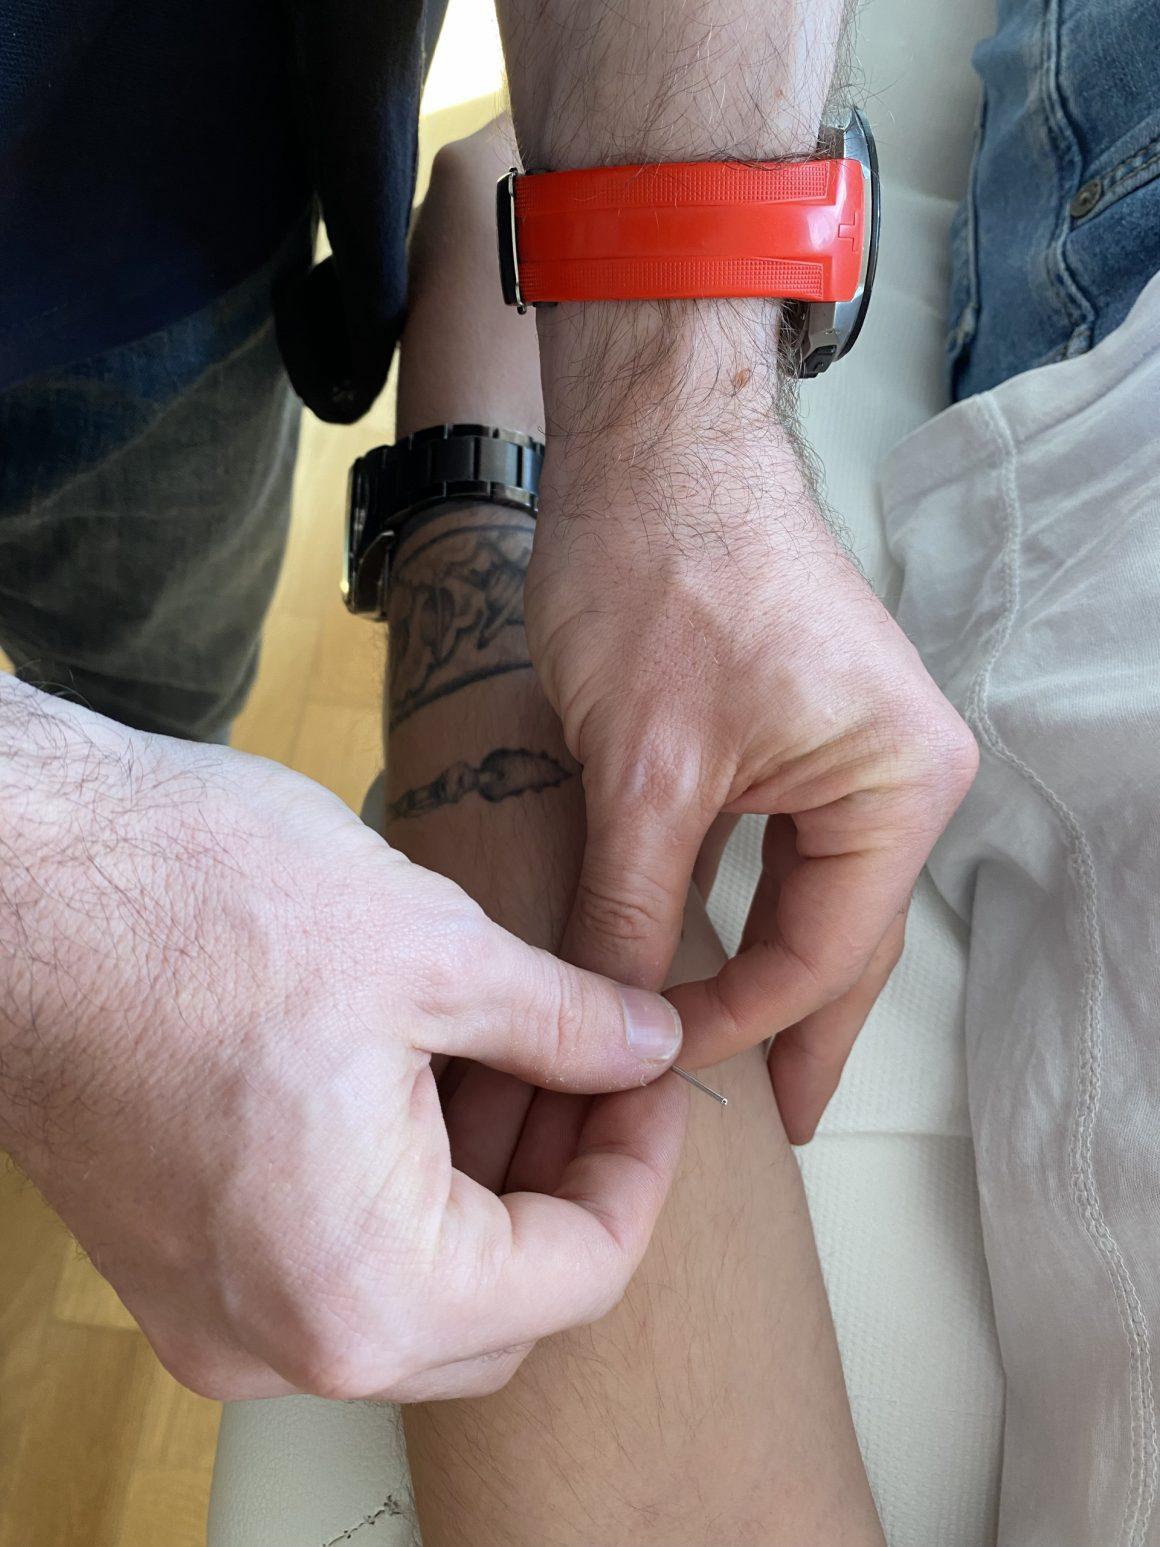 Octavian Sbârnă aplicând acele de acupunctură în timpul unei ședințe de terapie